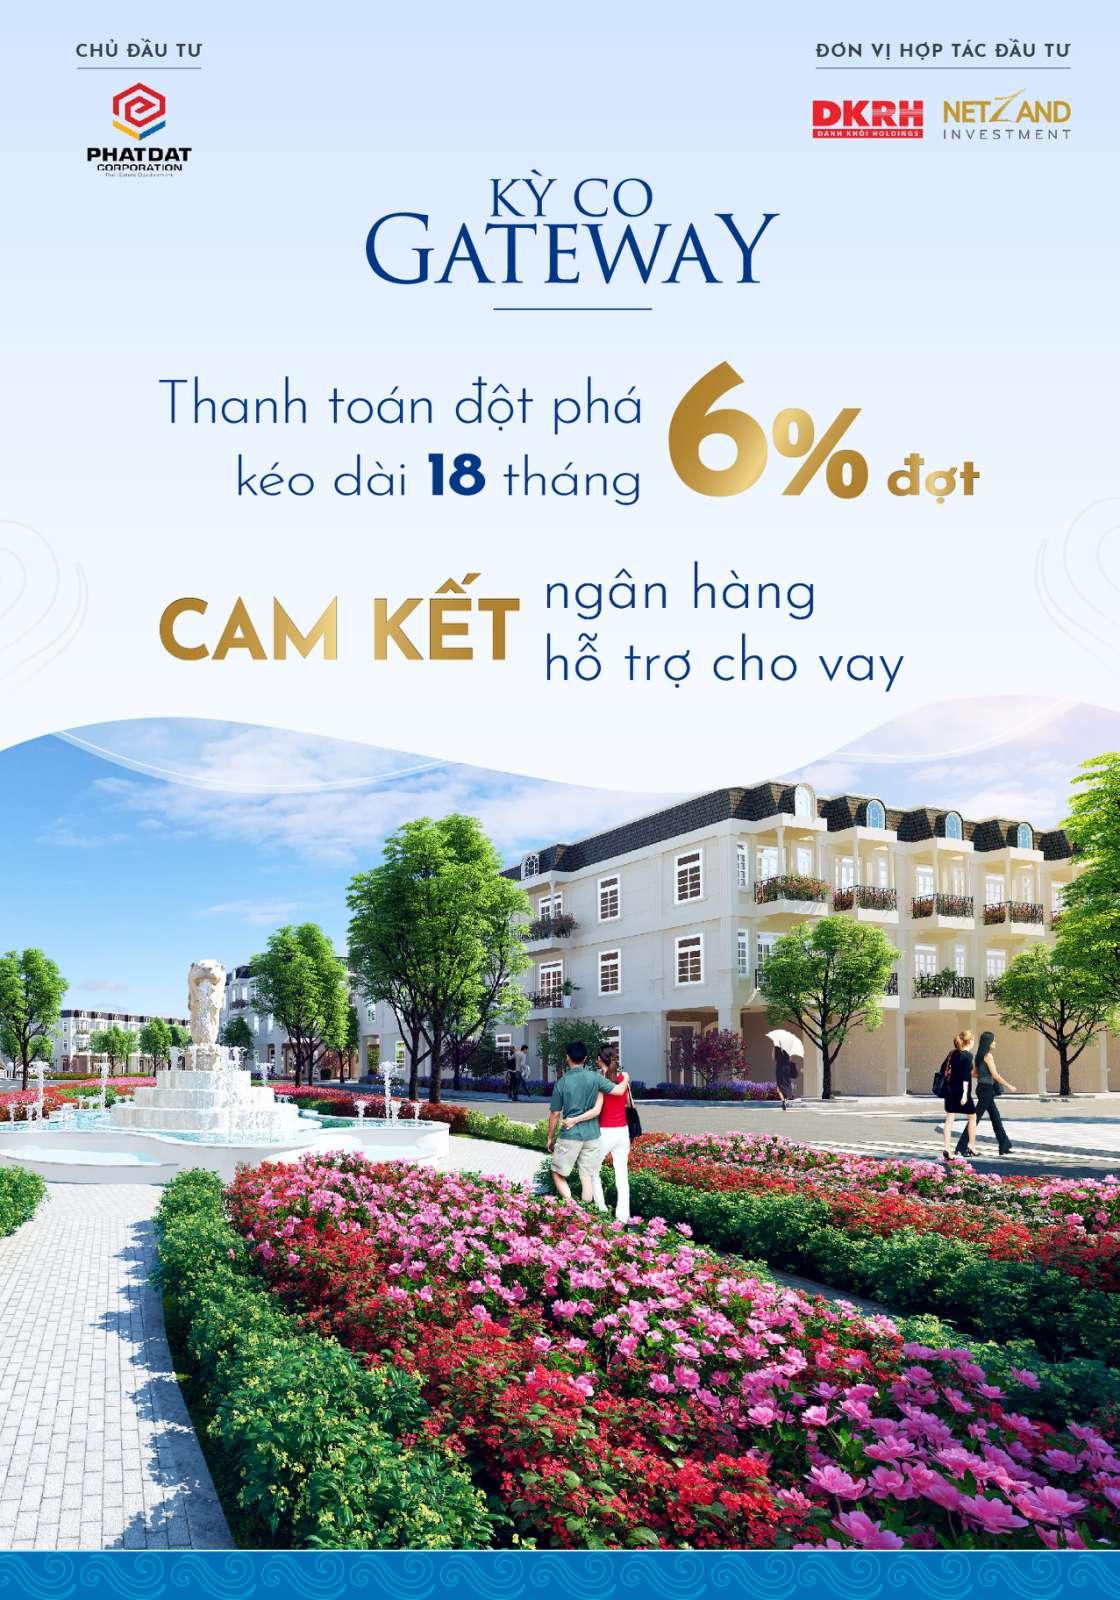 Giãn tiến độ thanh toán cho khách hàng dự án Kỳ Co Gateway lên đến 18 tháng